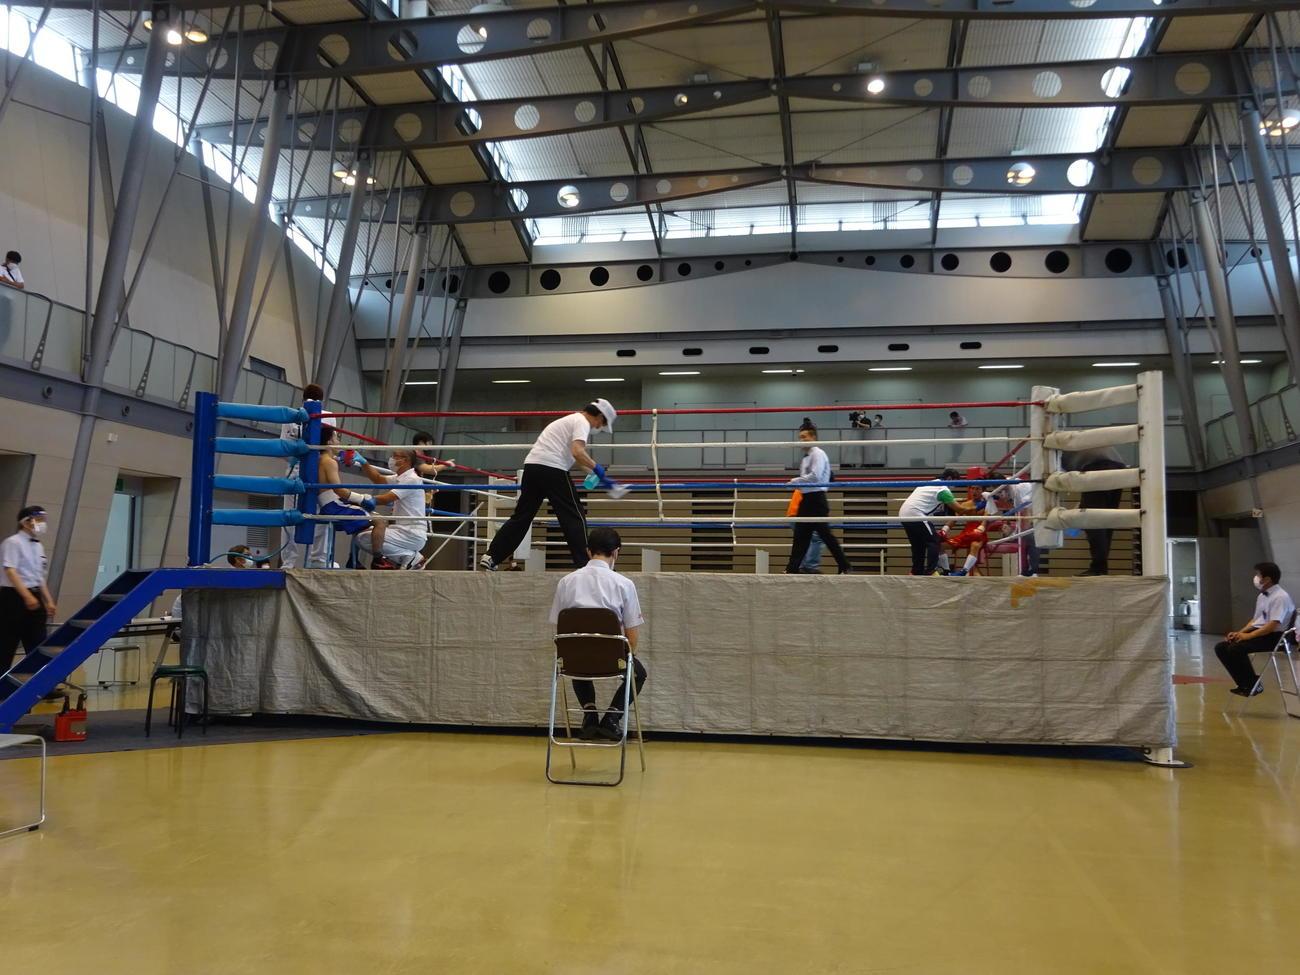 コロナ禍後初の国内プロボクシング興行。試合の合間、ロープなどの消毒作業が行われた(撮影・加藤裕一)